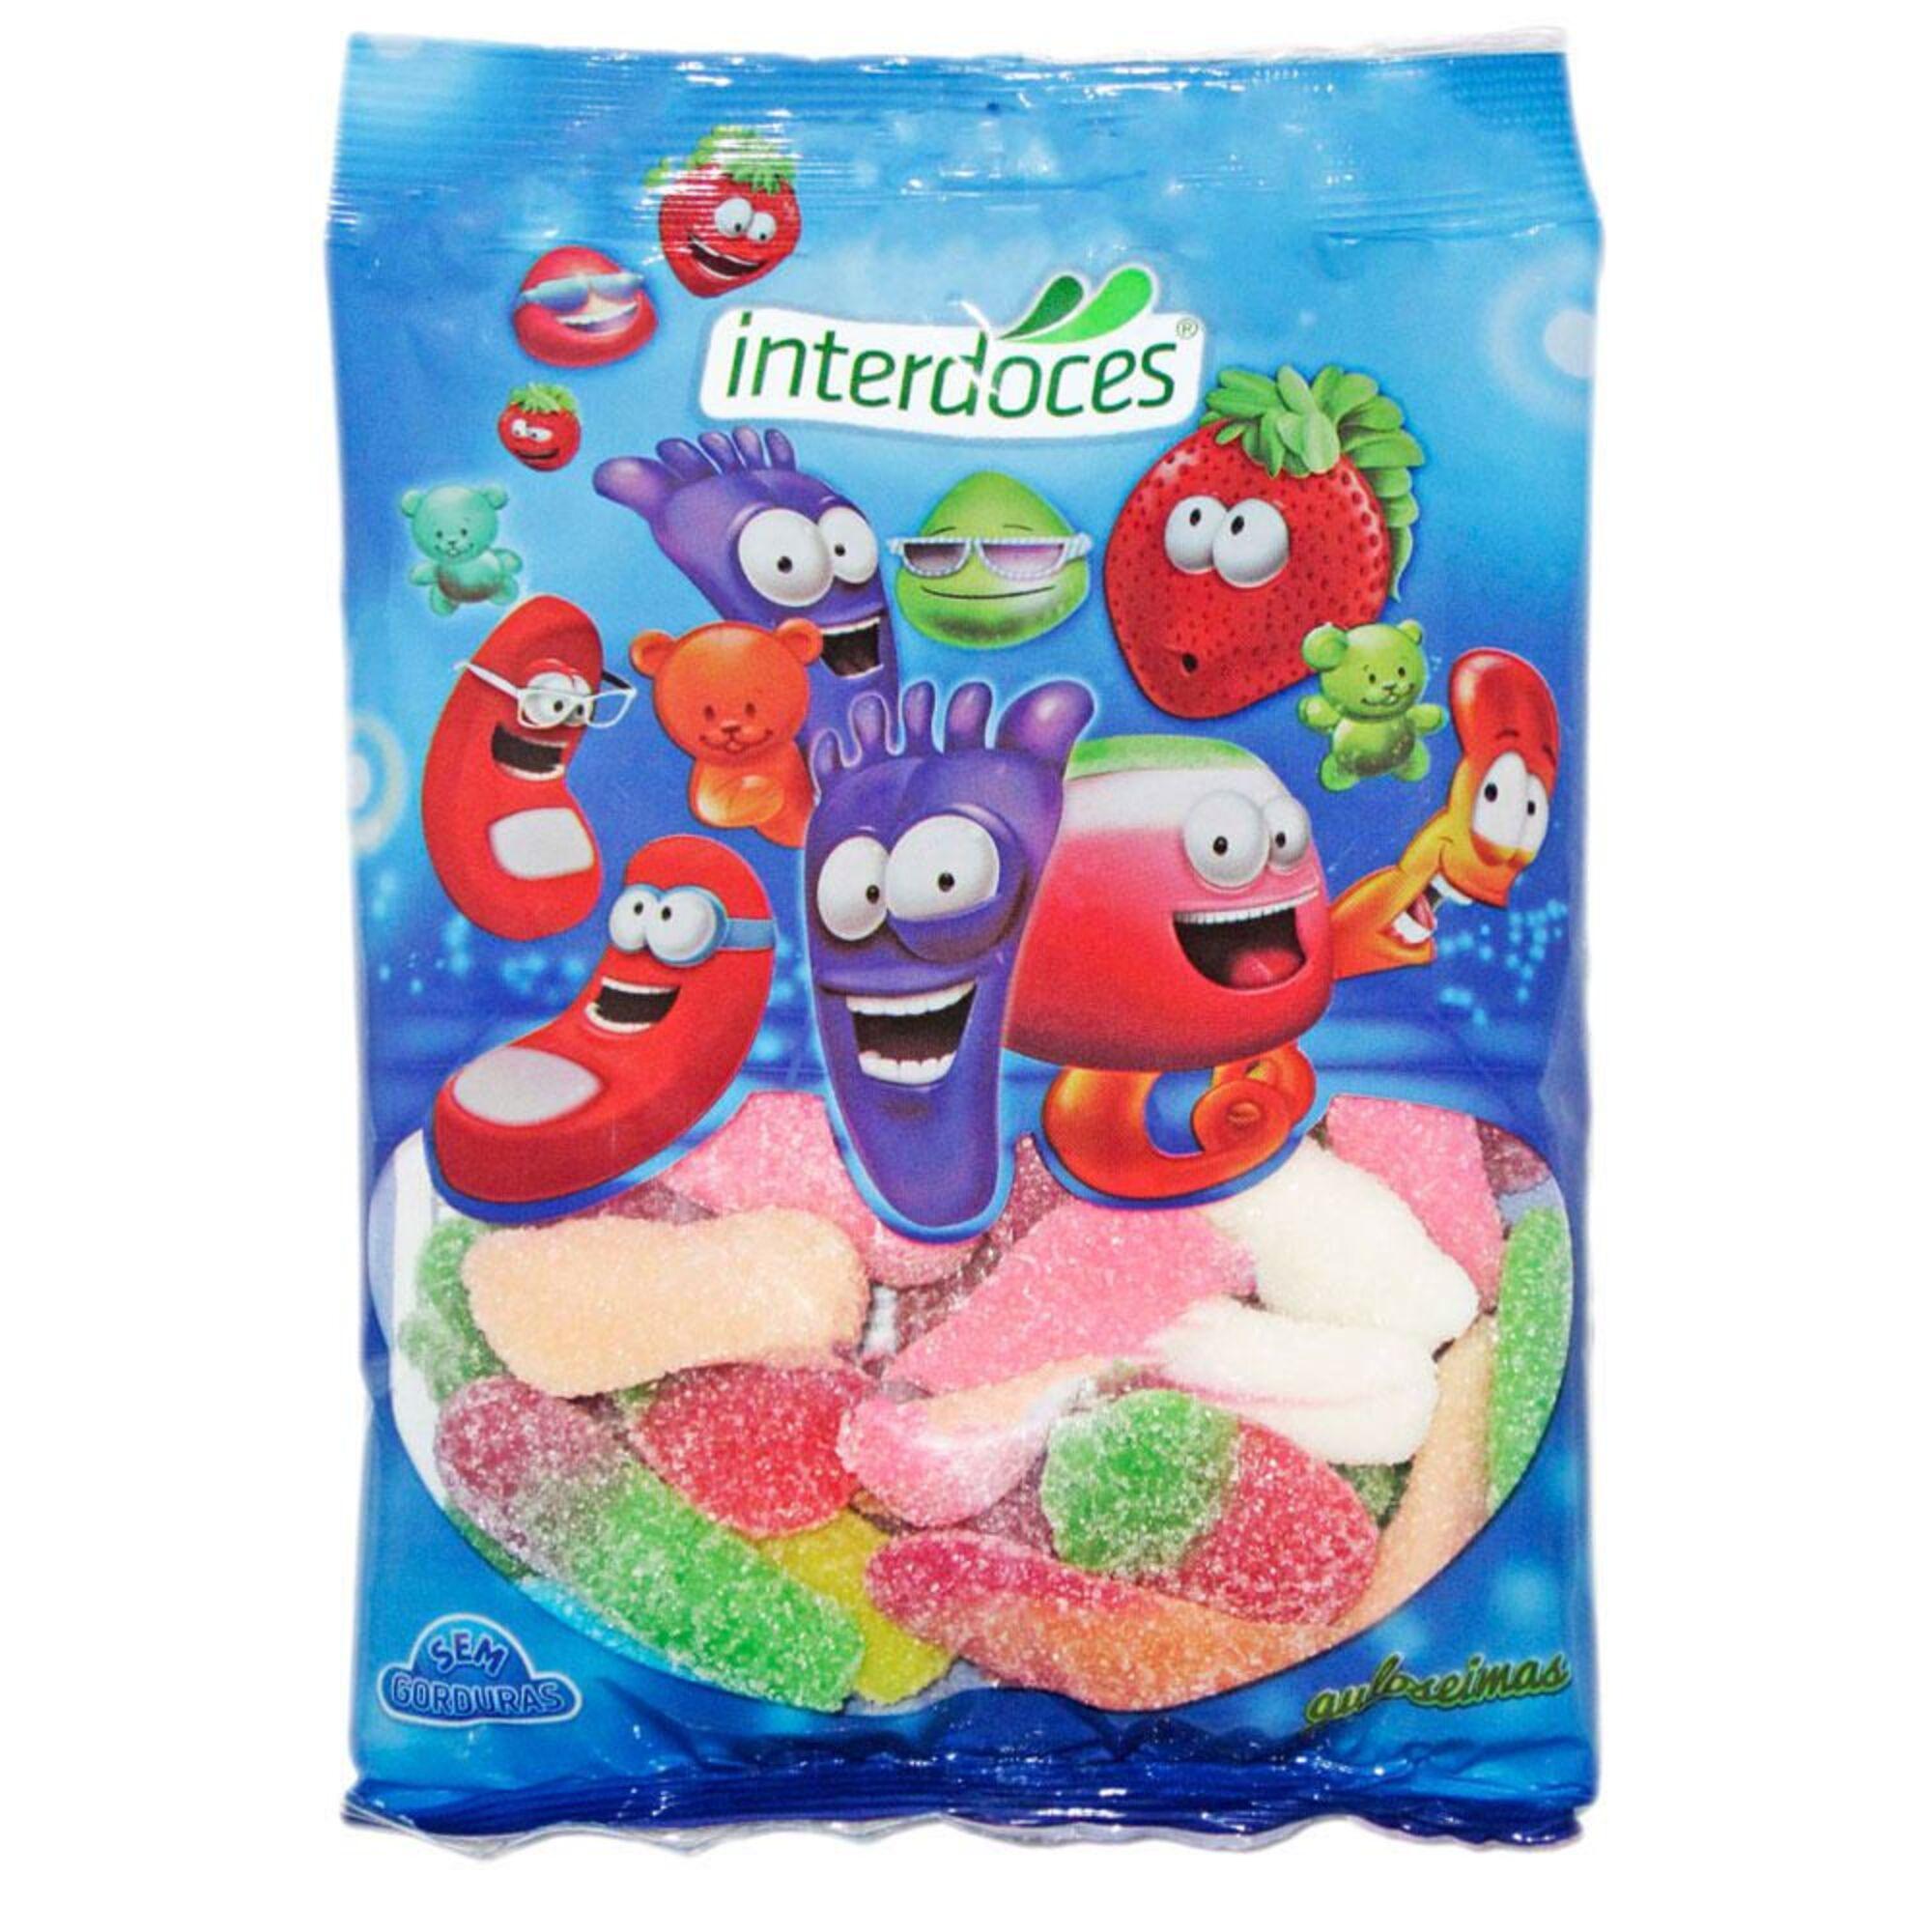 INTERDOCES - INTERDOCES Gomas Sortido Ácido, 150 g